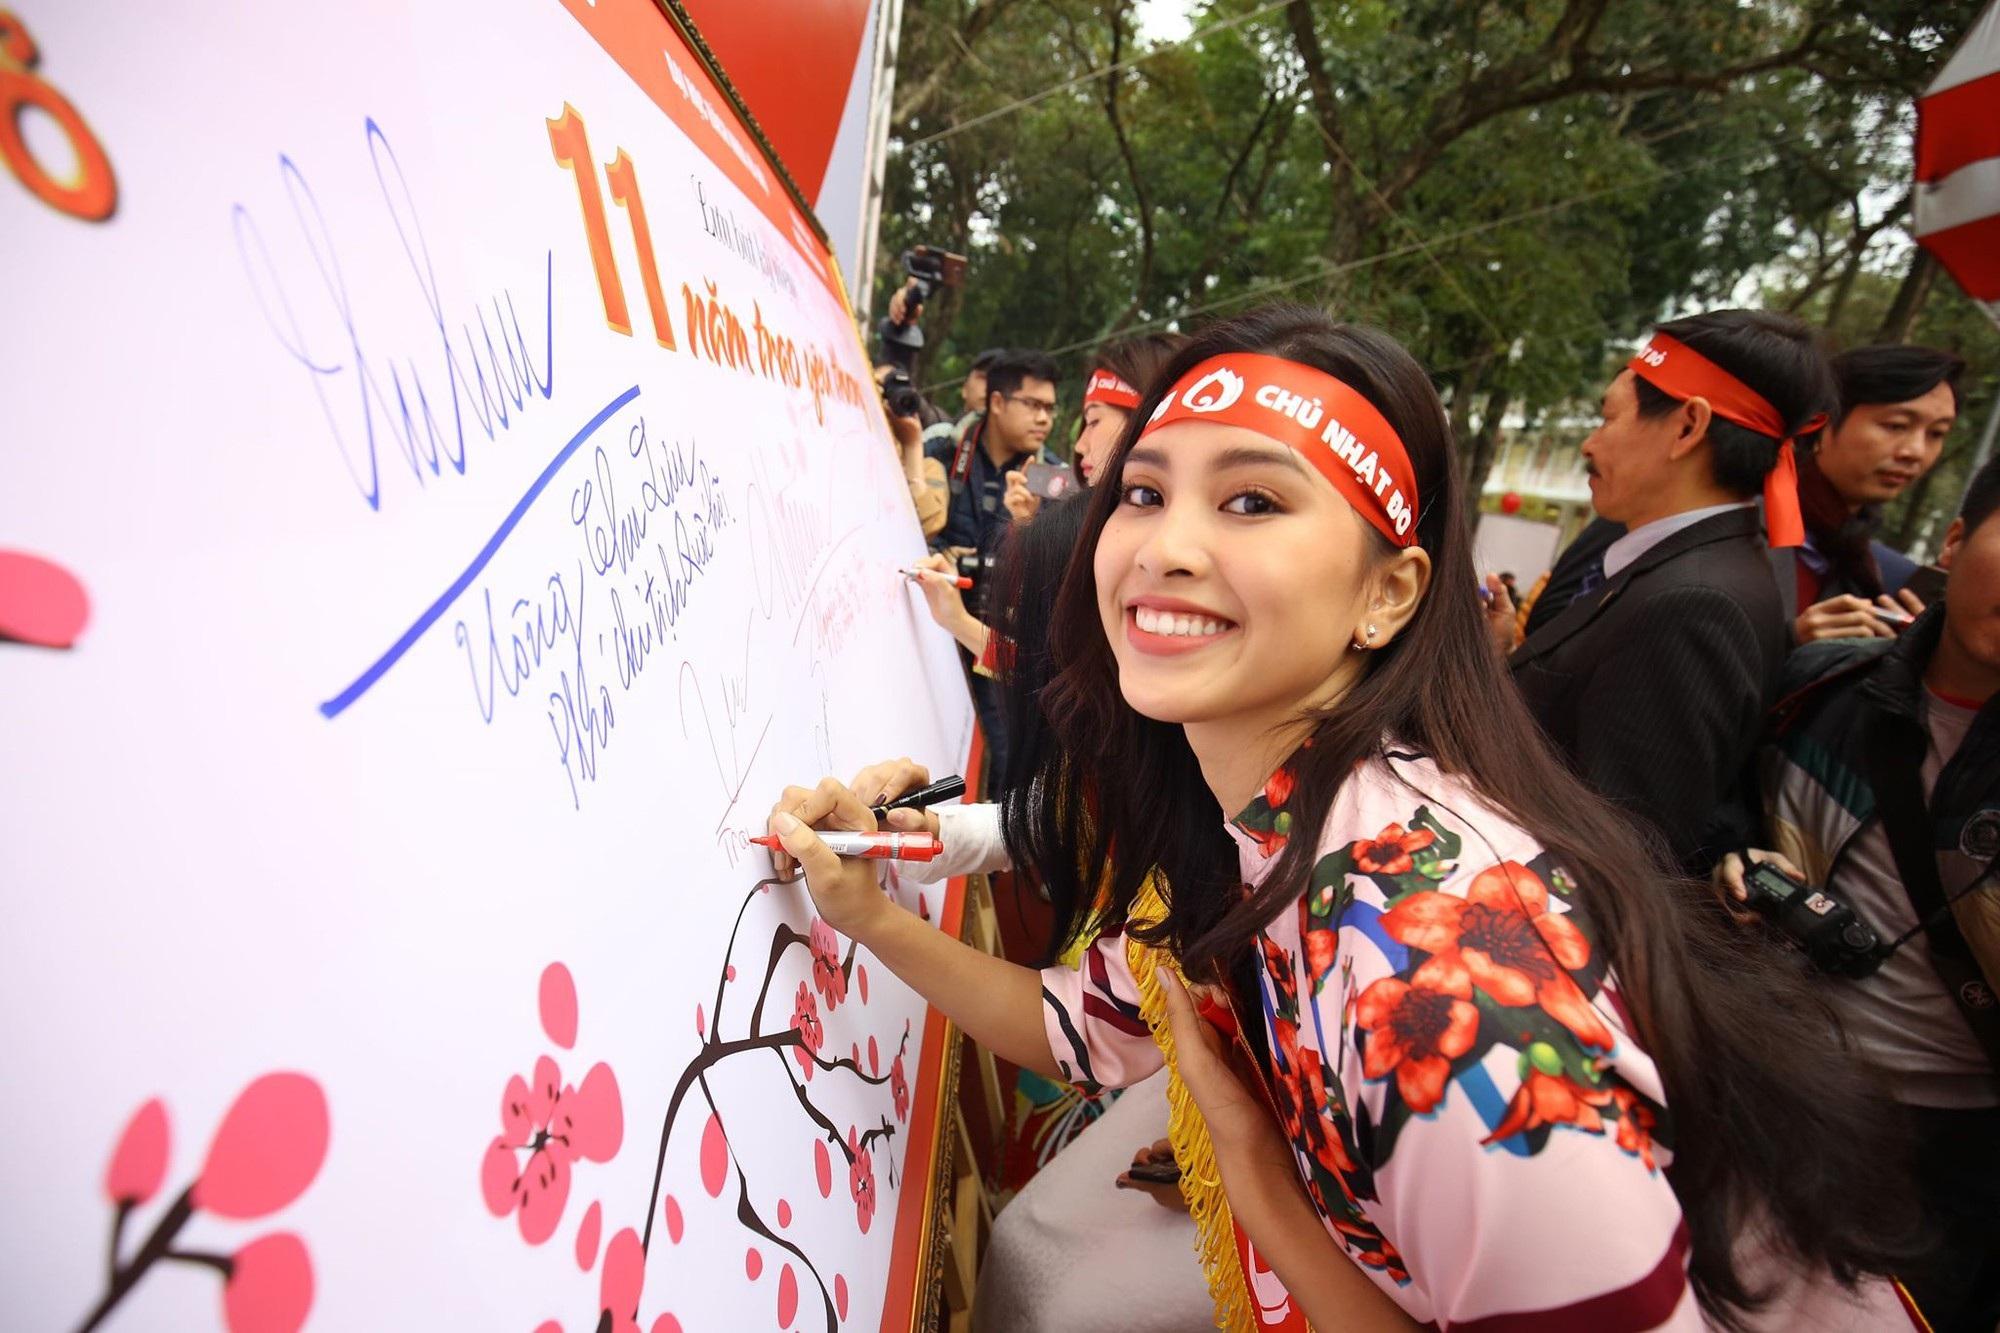 Hoa hậu Trần Tiểu Vy, cầu thủ Đình Trọng, Văn Quyết kêu gọi hiến máu tình nguyện - Ảnh 1.